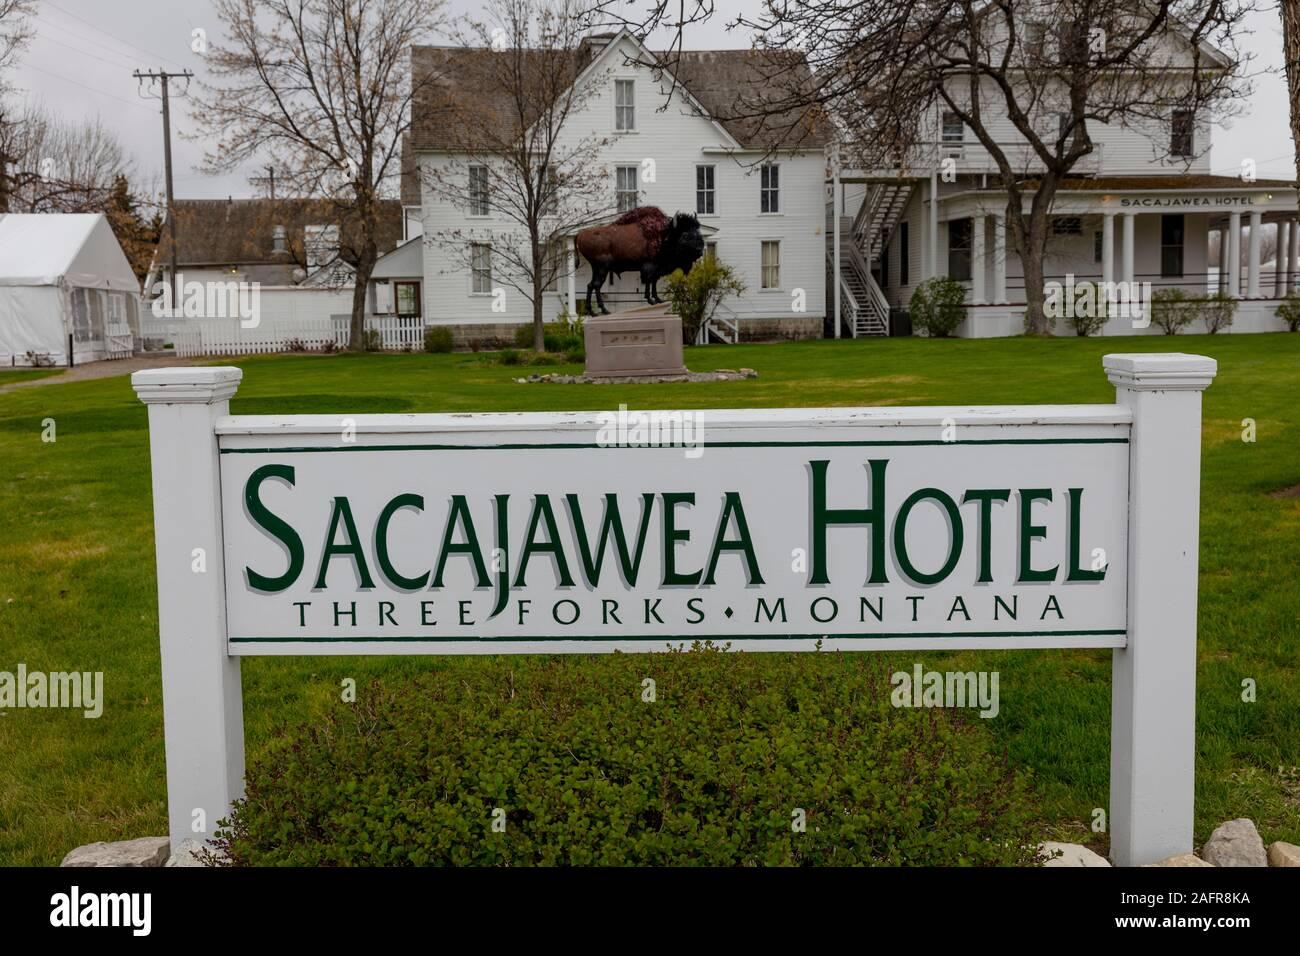 El 23 de mayo de 2019, tres horquillas, MT, ESTADOS UNIDOS - Búfalo en frente de Sacajawea Hotel, tres horquillas, Montana honores Sacajawea y la expedición de Lewis y Clark Foto de stock